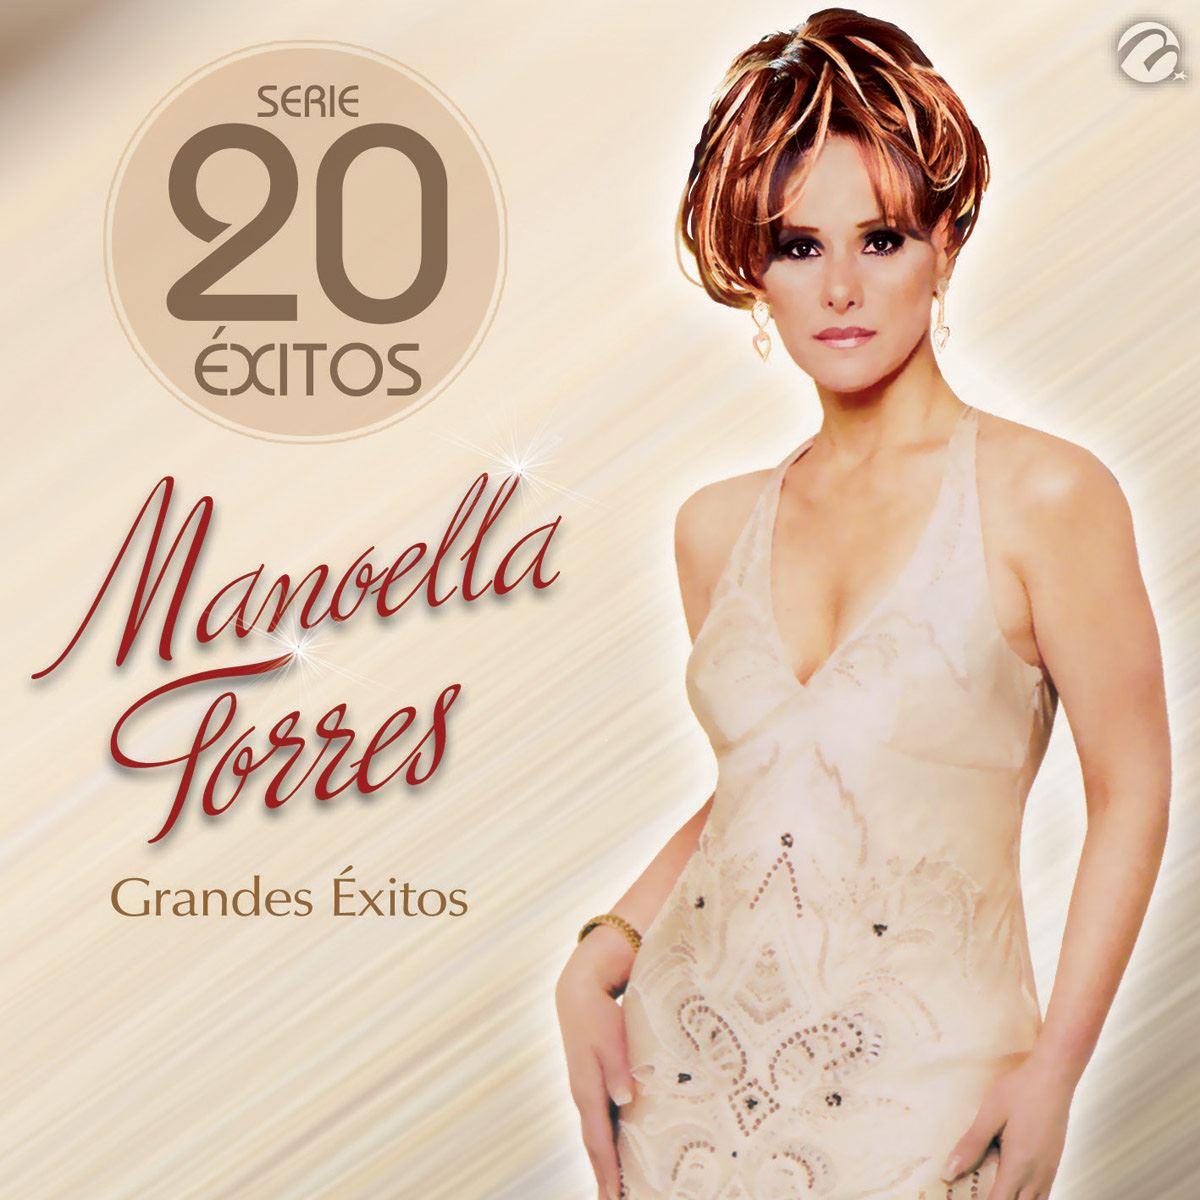 CD Manoella Torres-Grandes Éxitos